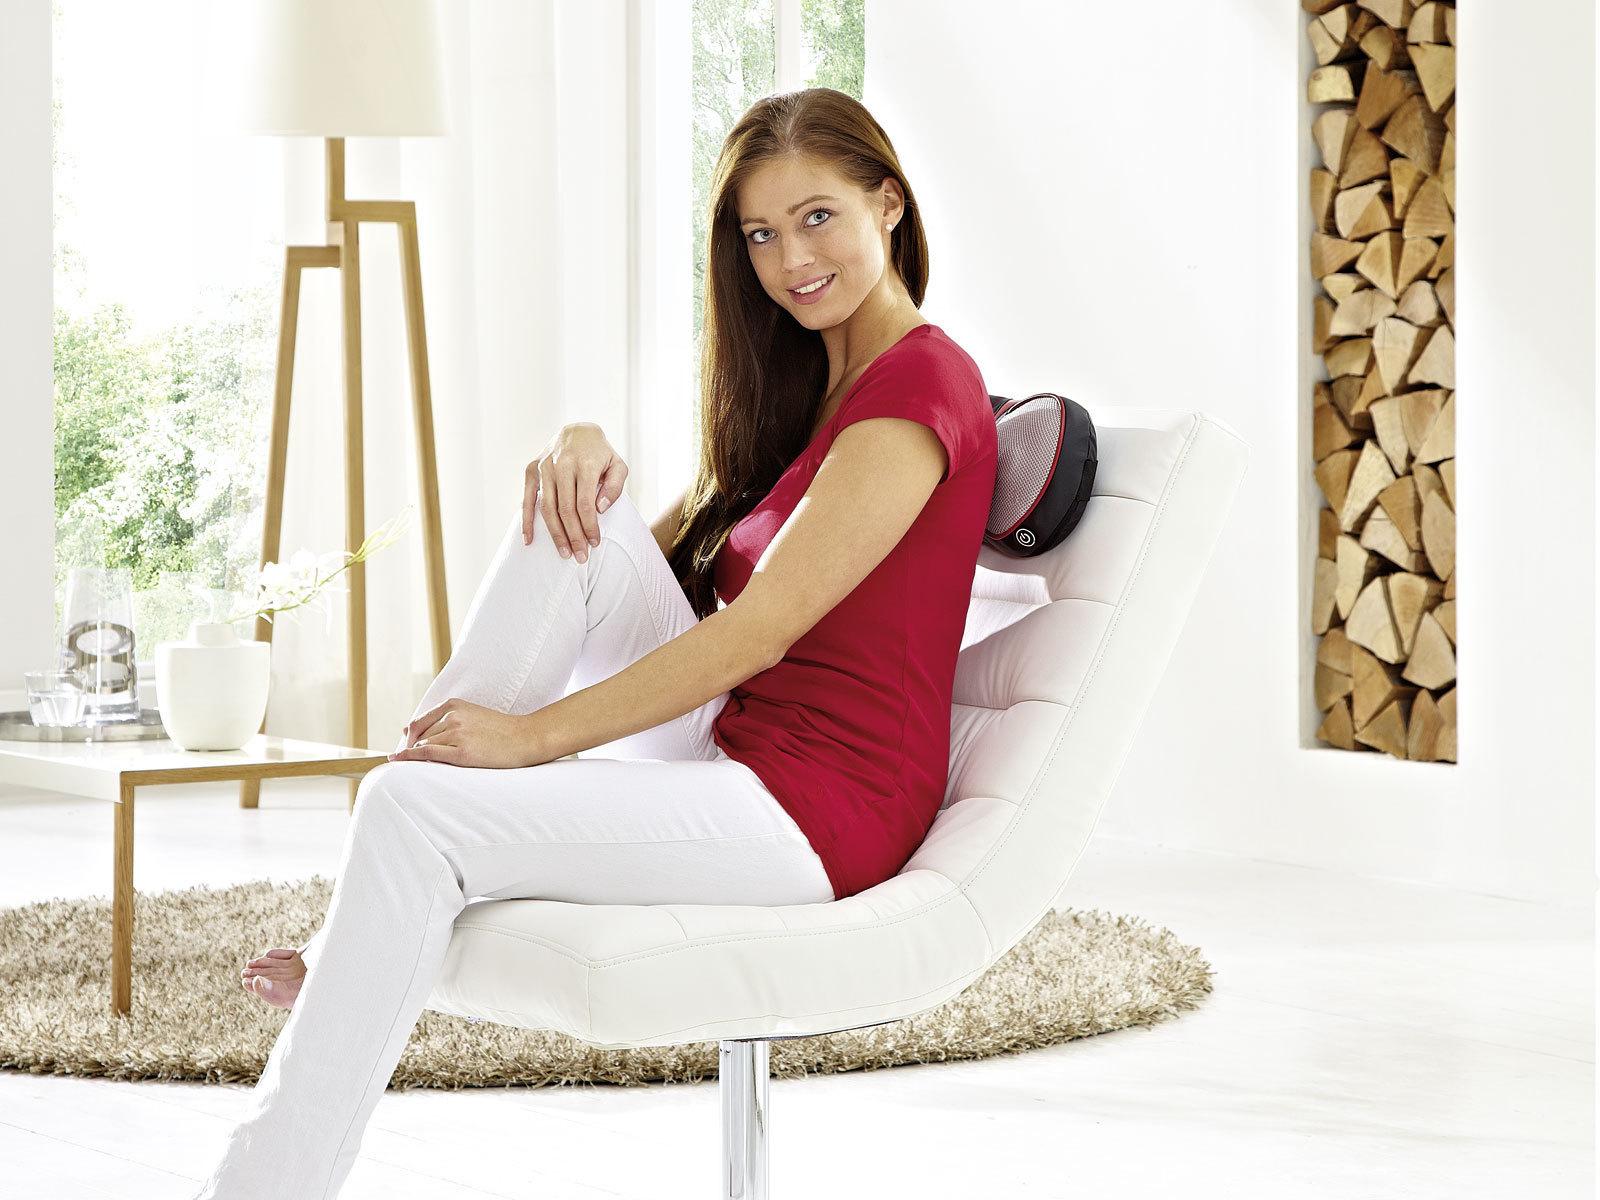 Массажная подушка c инфракрасным прогревом и роликами